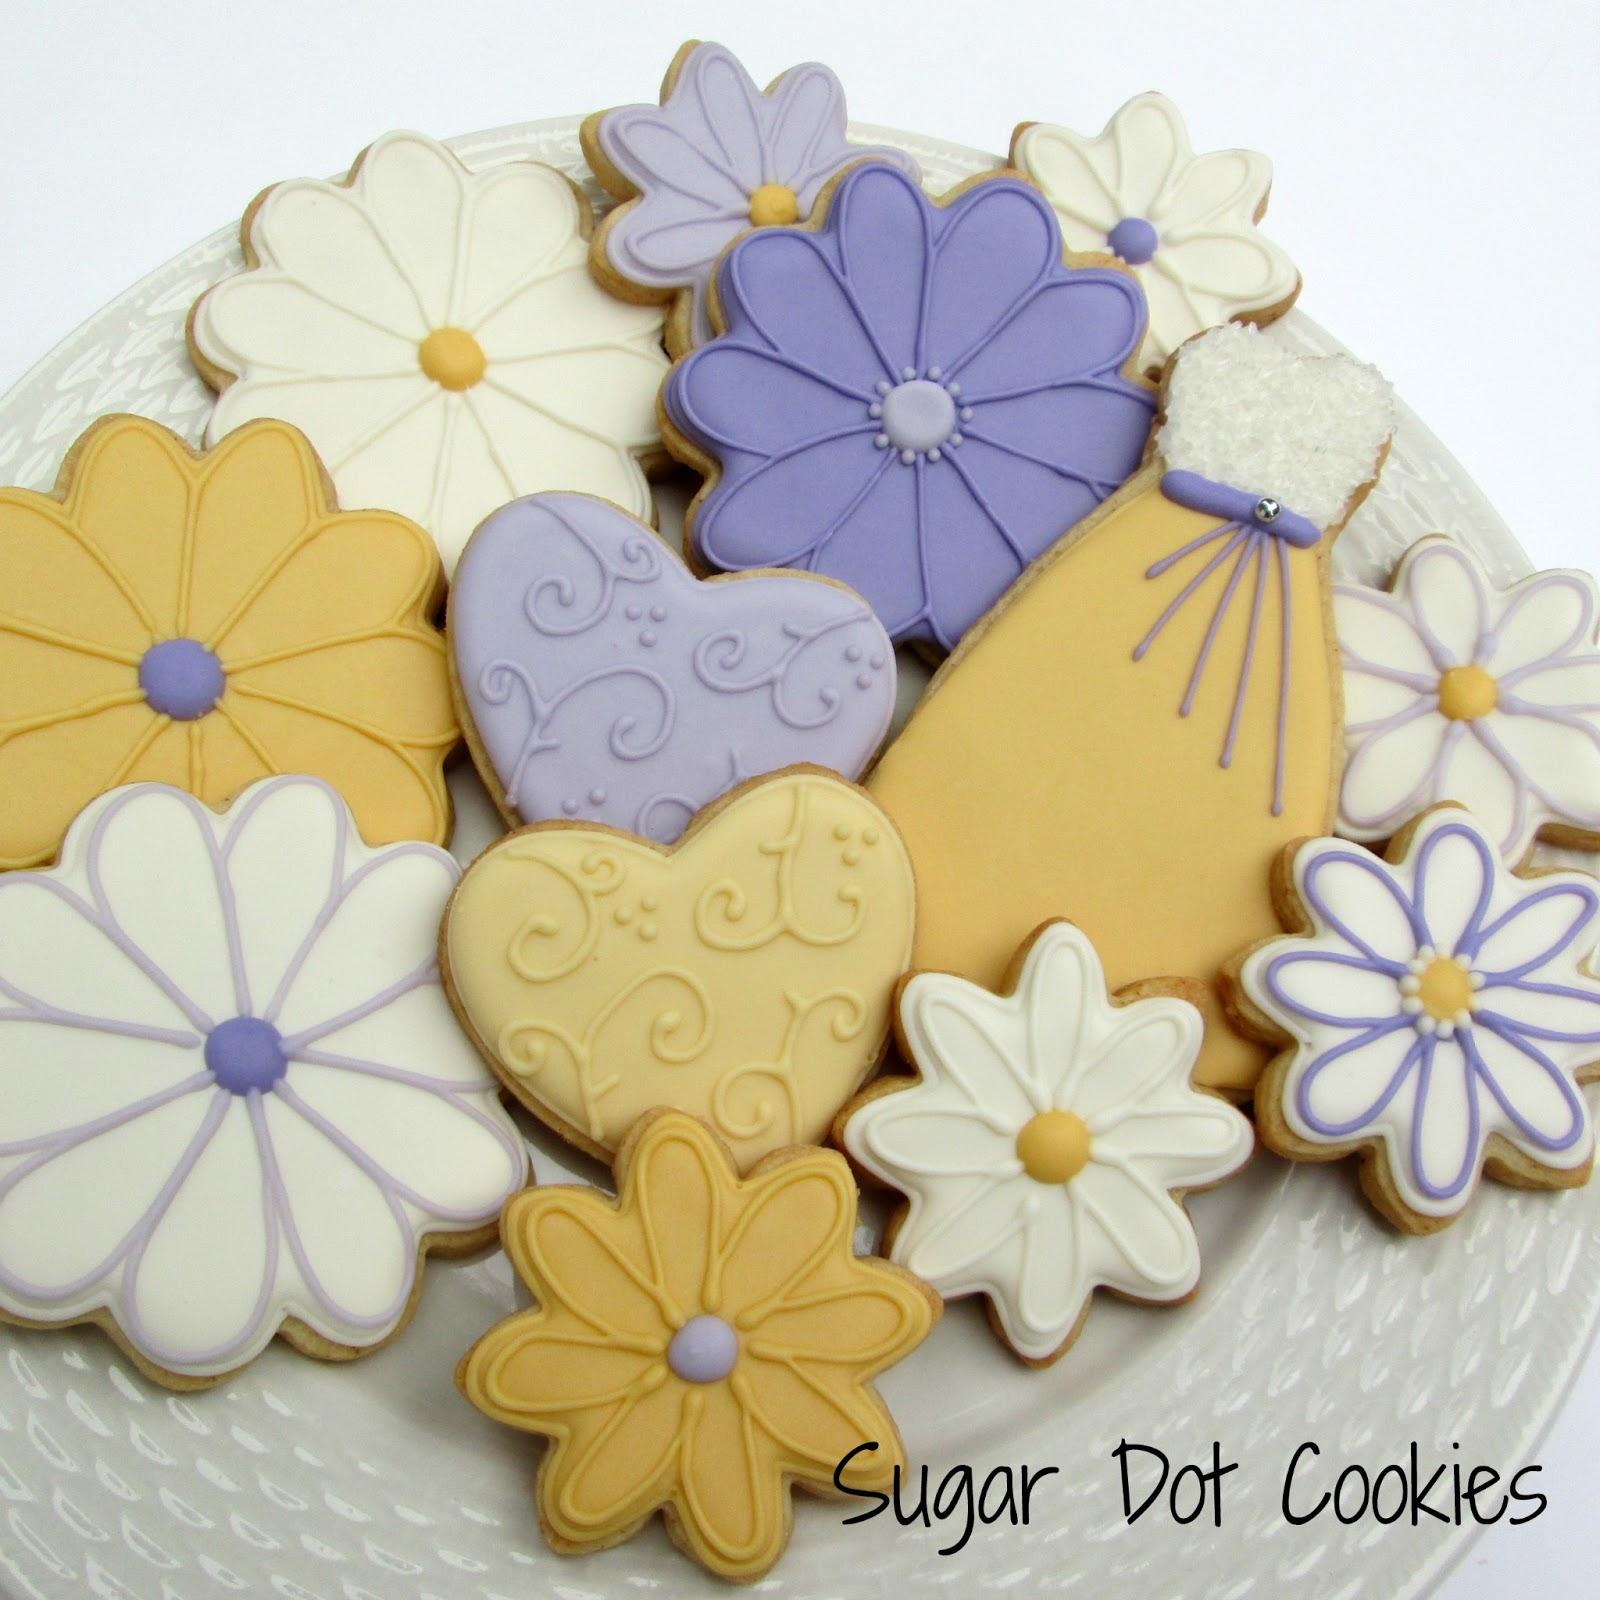 Sugar Dot Cookies: Wedding Sugar Cookies